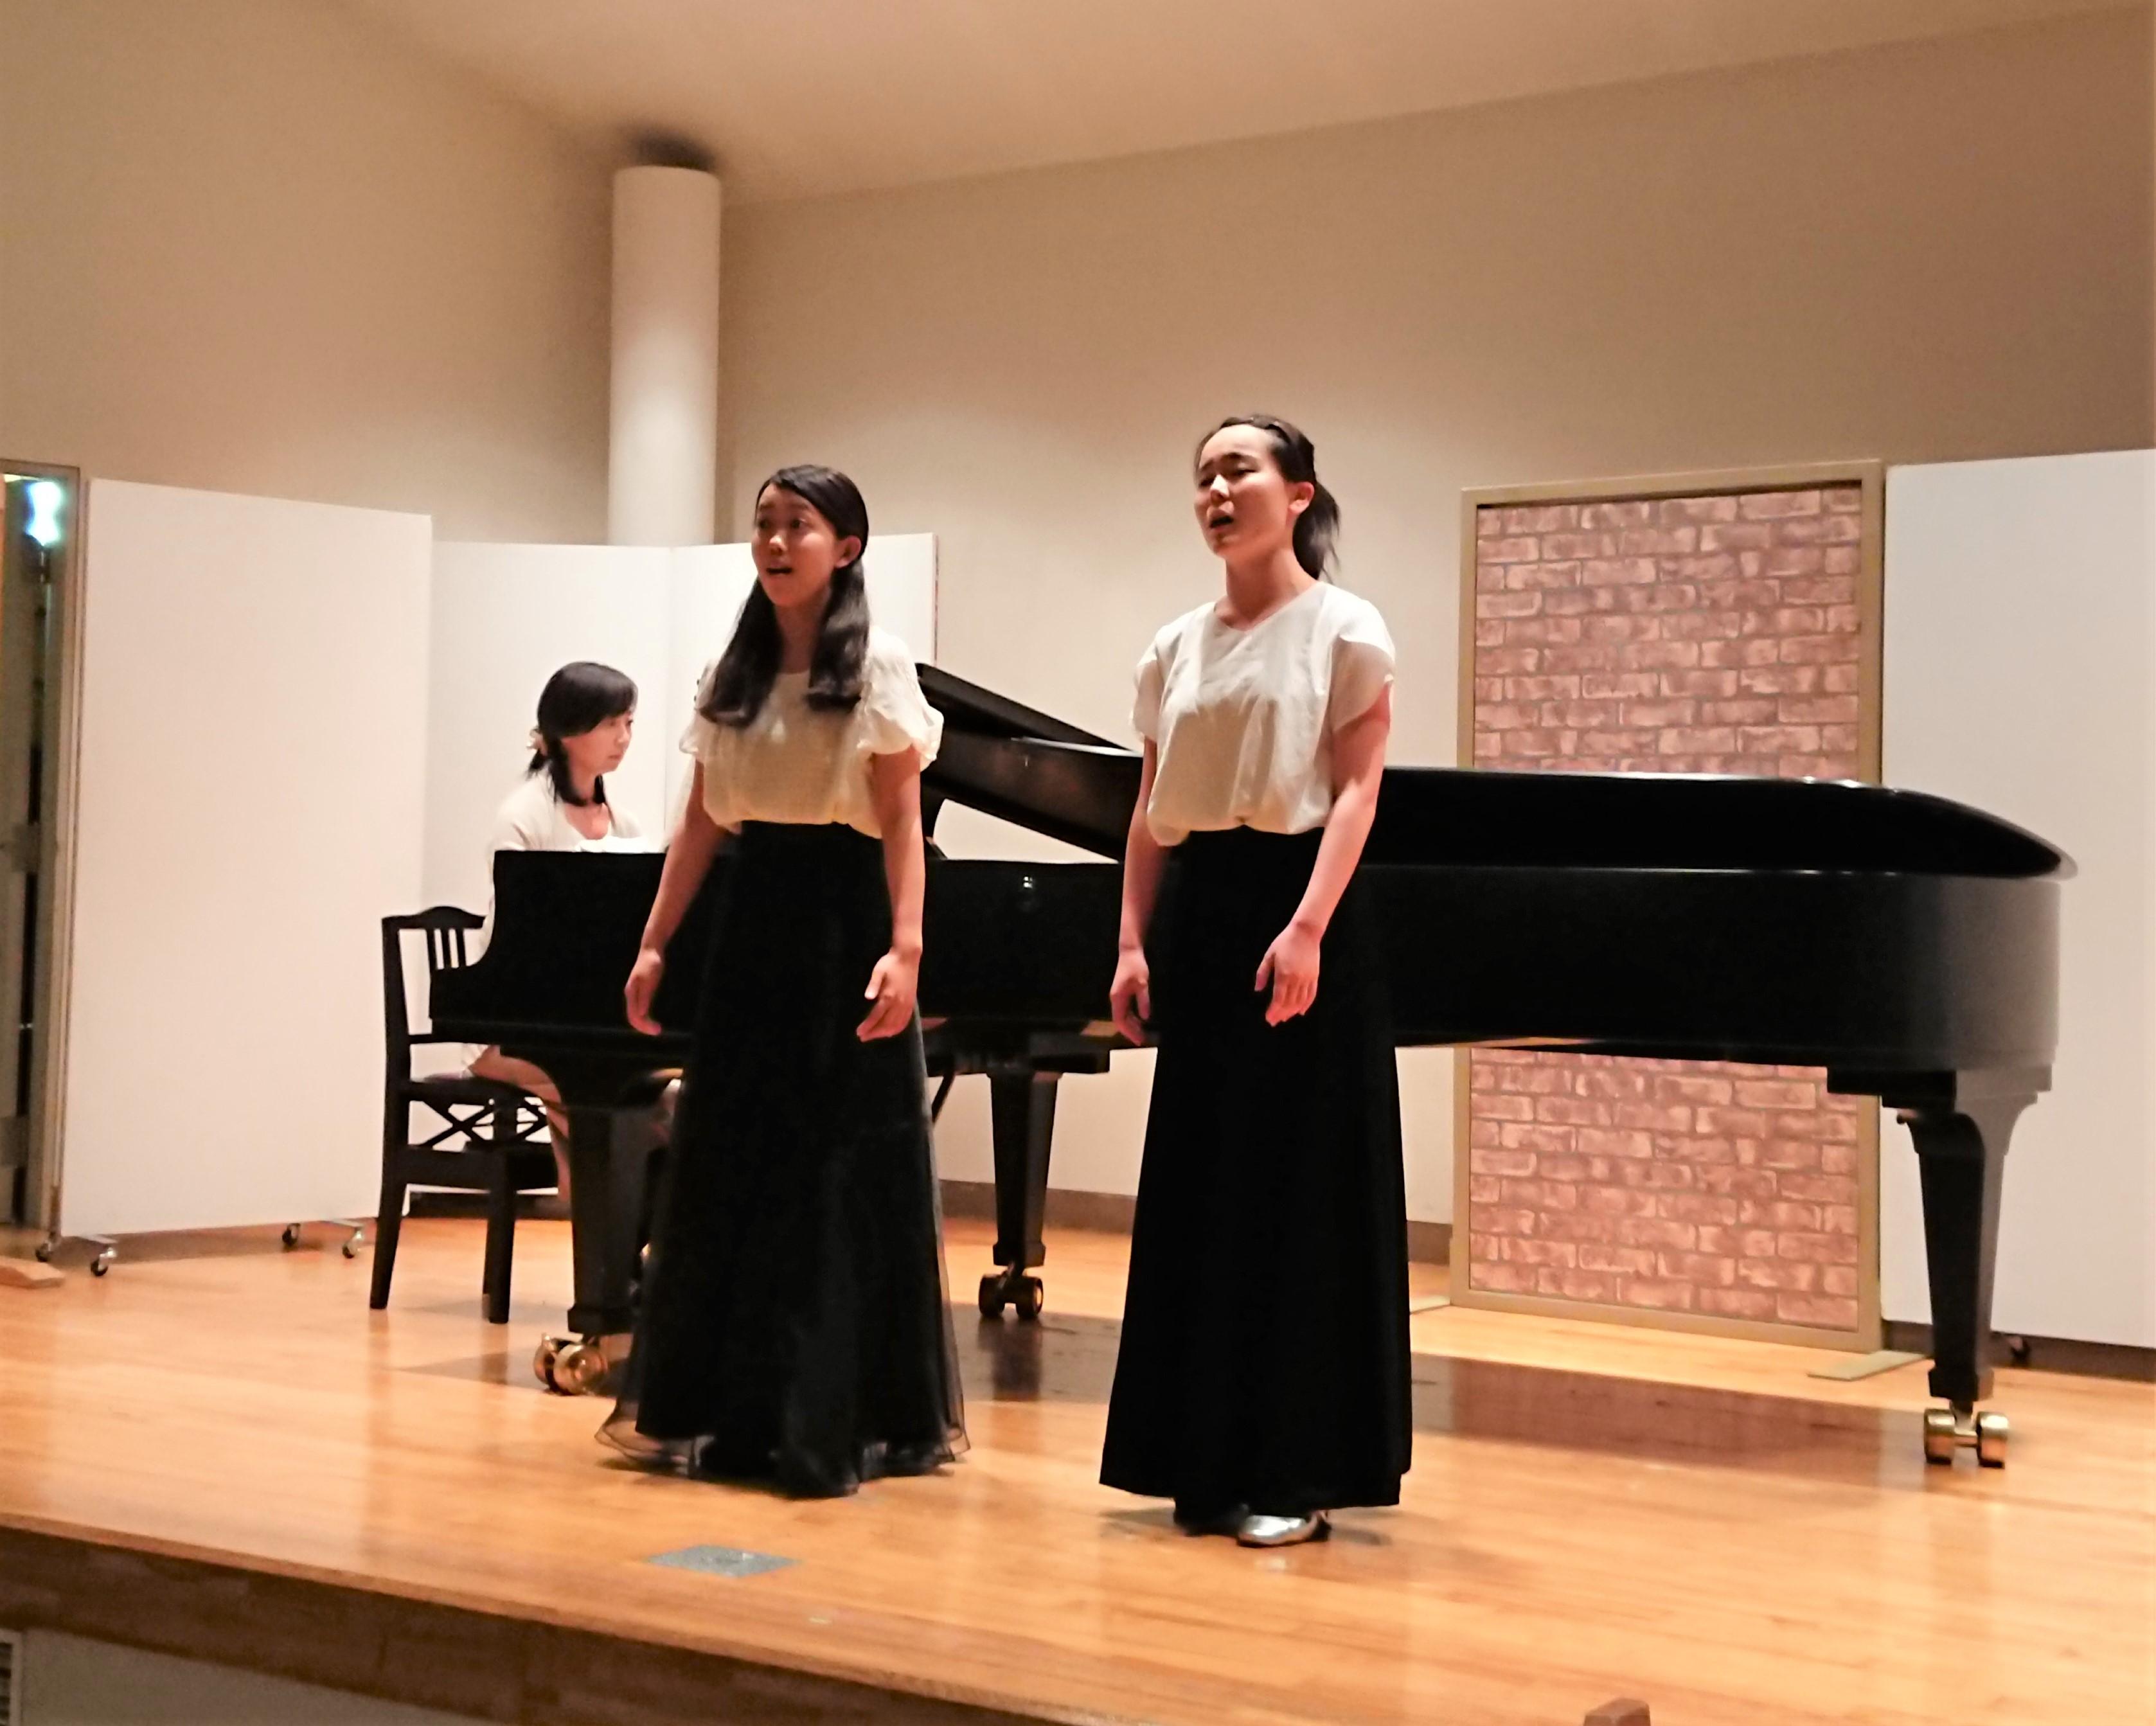 今年の聖徳オペラ《フィガロの結婚》の学生オーディションが行われました!